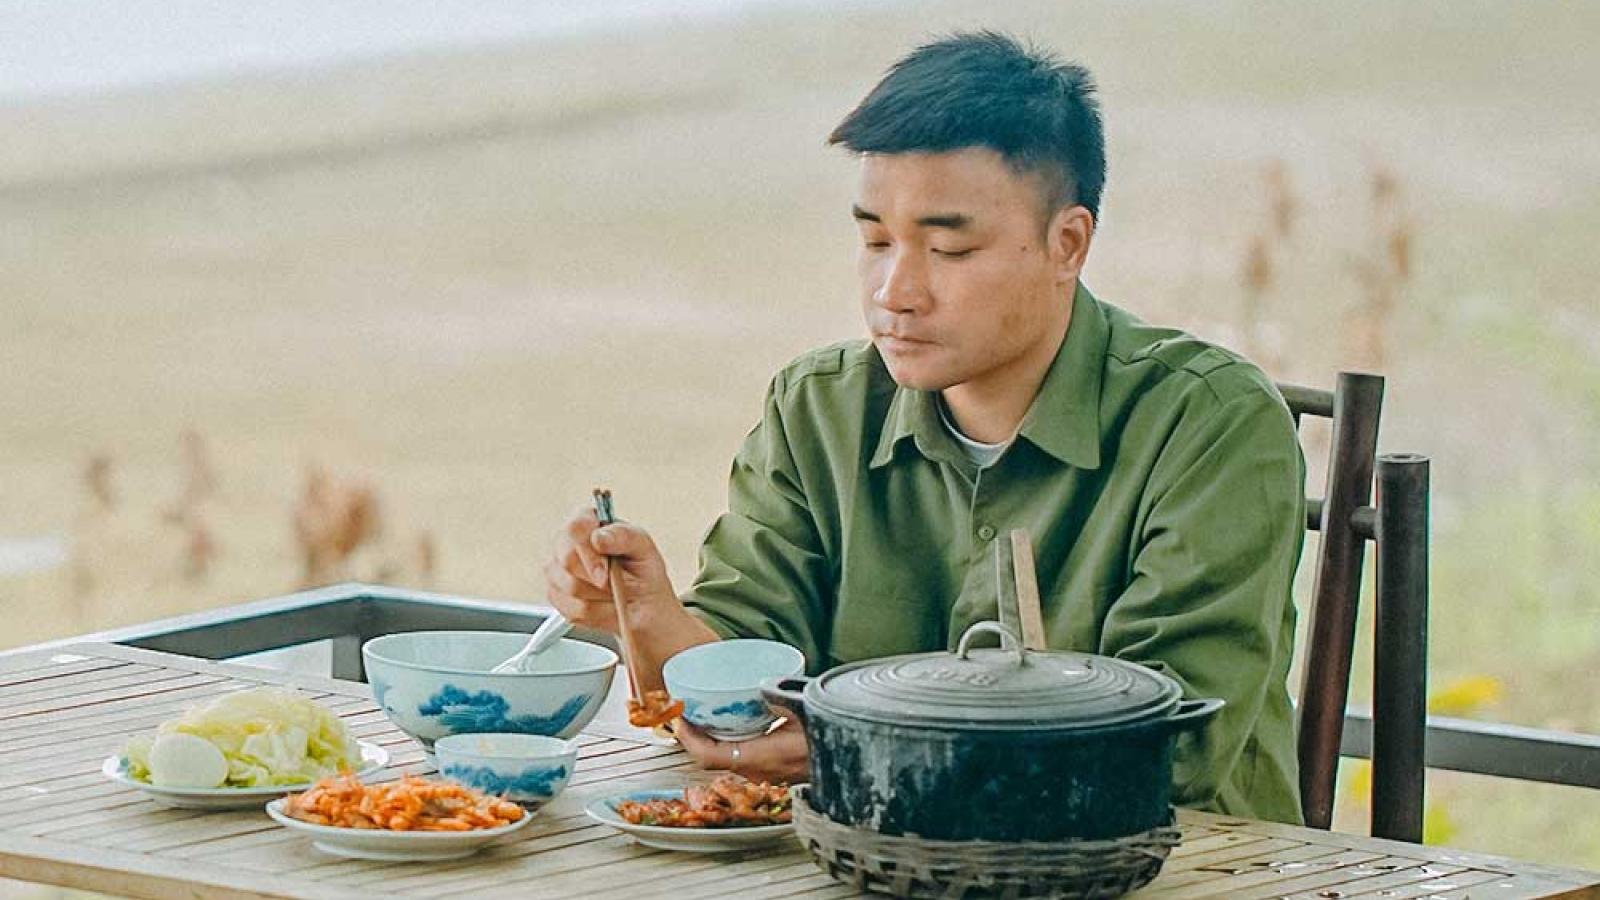 Xu thế kênh nấu ăn dân dã, mộc mạcđược ưa chuộng, thu hút hàng triệu lượt xem